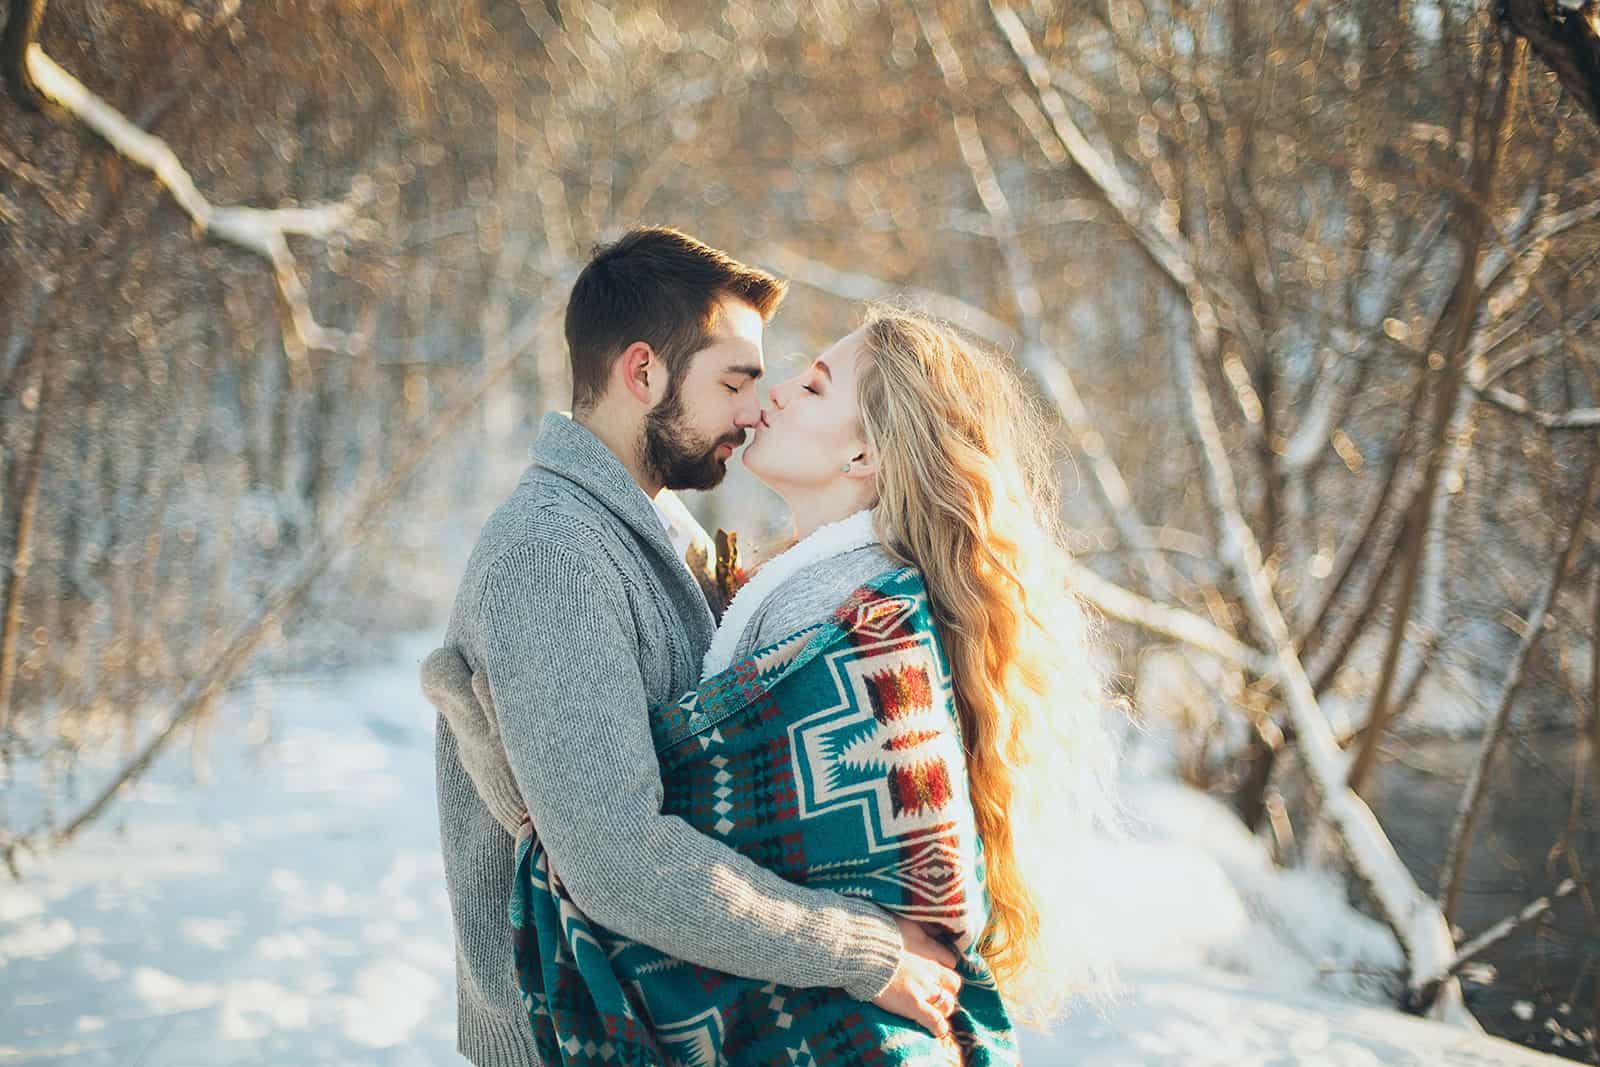 eine Frau küsst einen Mann in die Nase, während sie sich umarmt